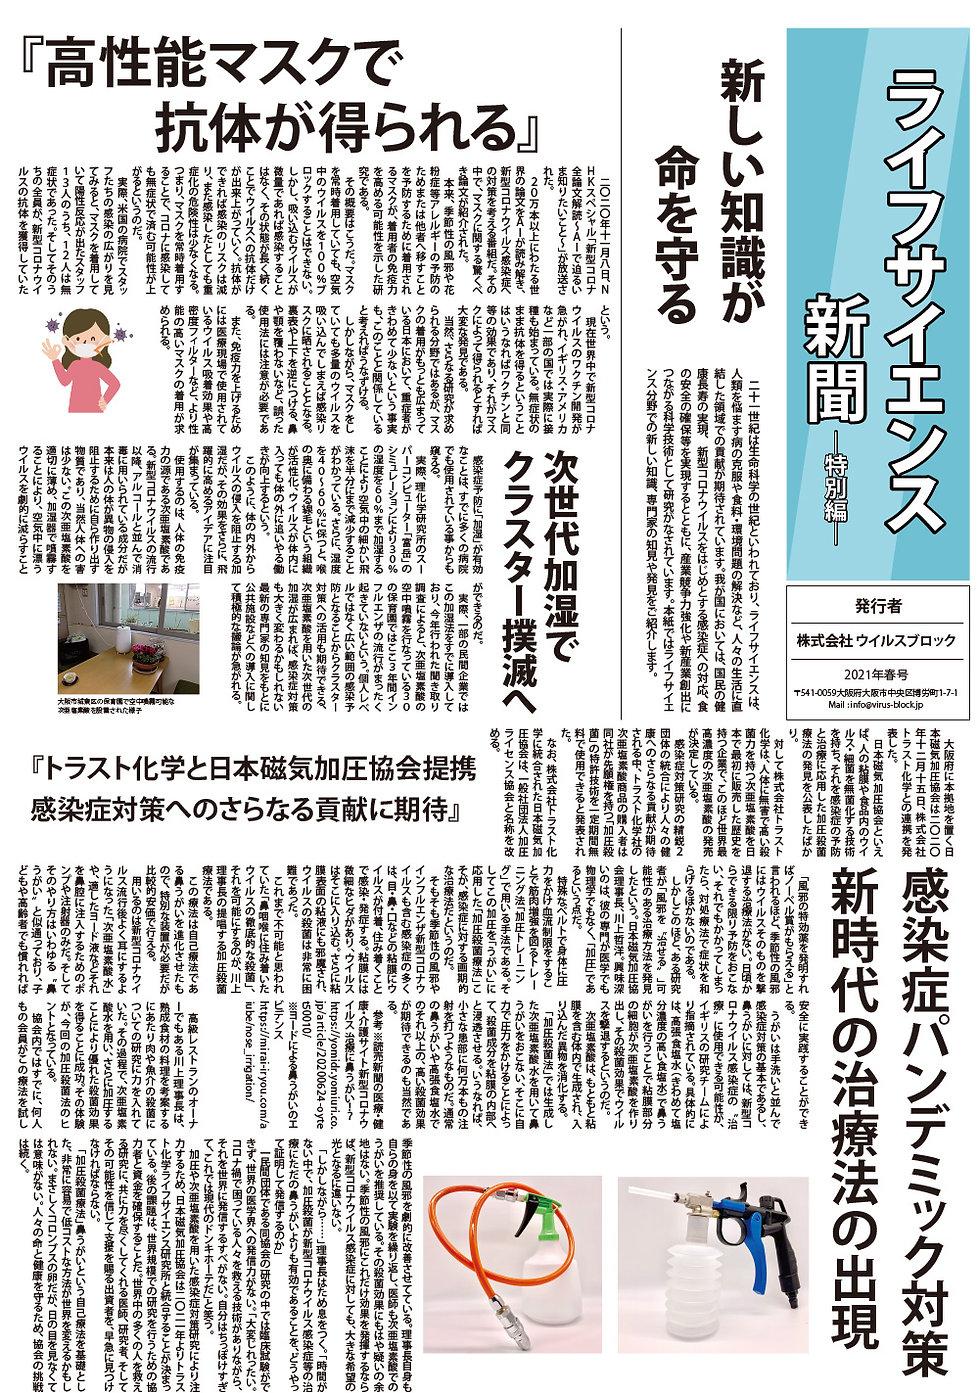 ライフサイエンス新聞-1.jpg